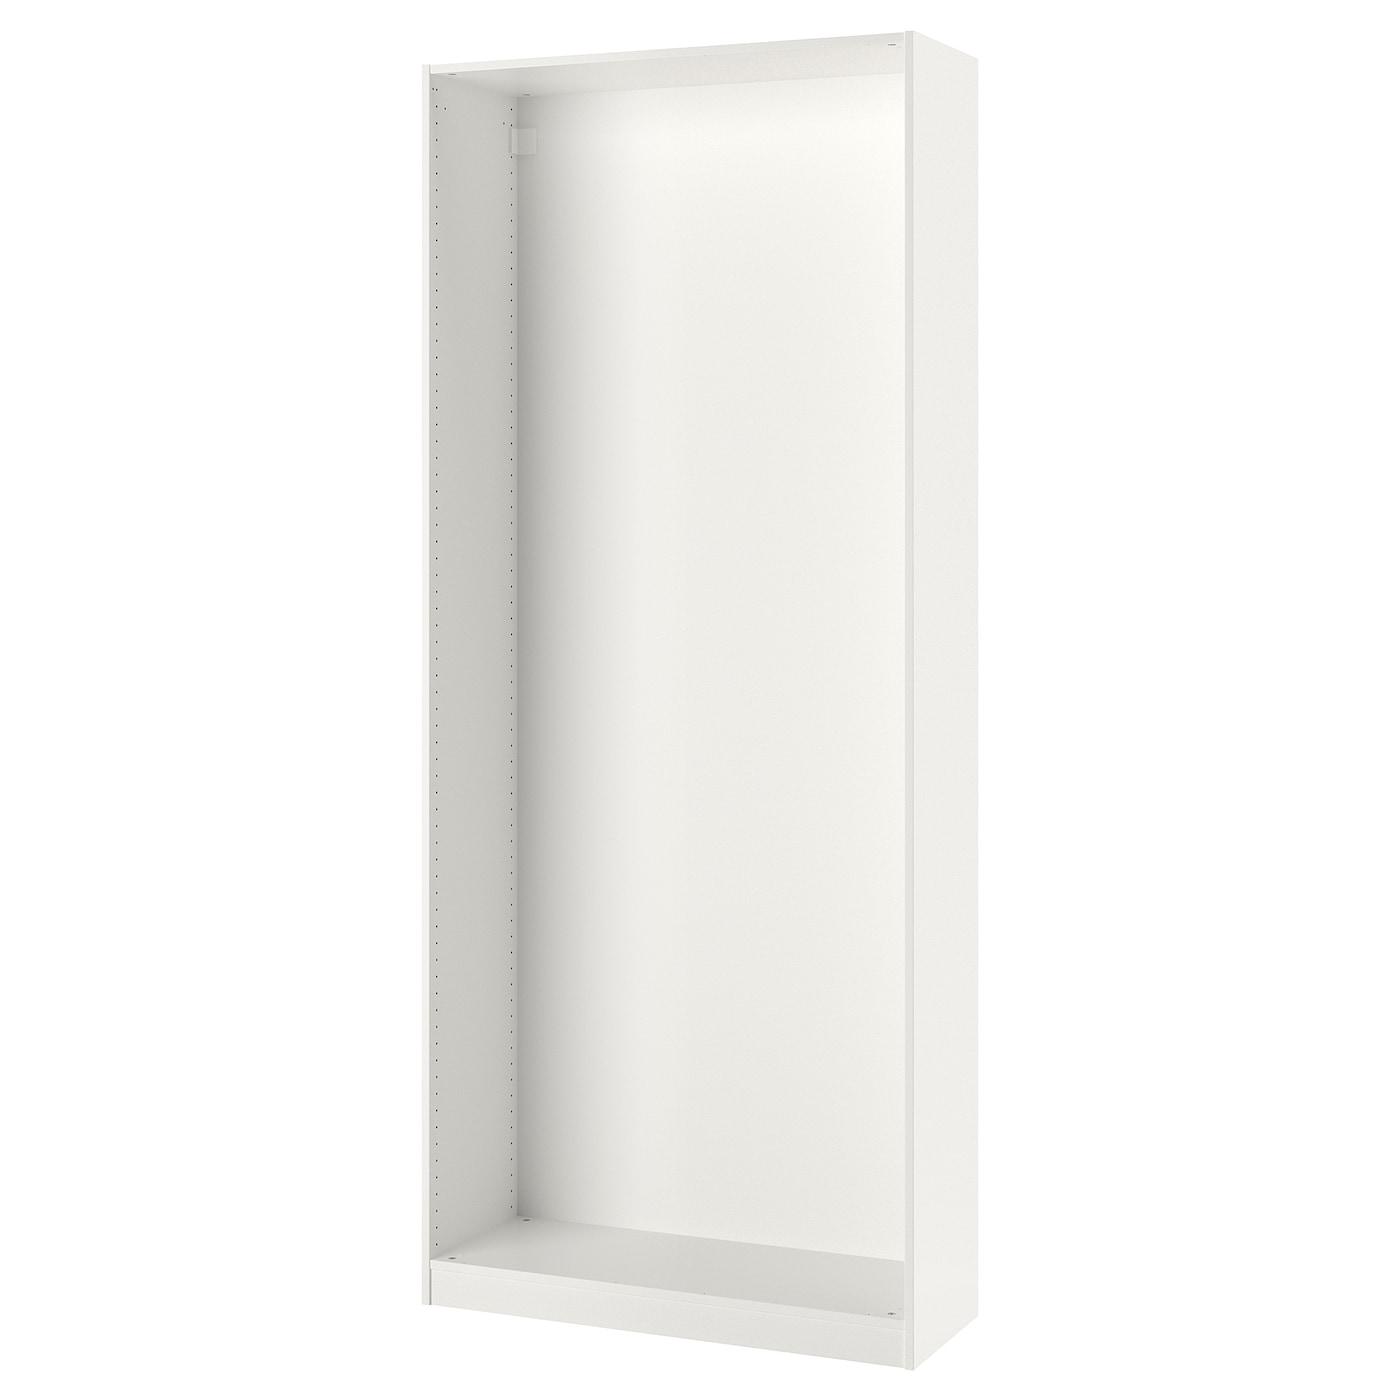 Dressing 30 Cm Profondeur pax caisson d'armoire - blanc 100x35x236 cm